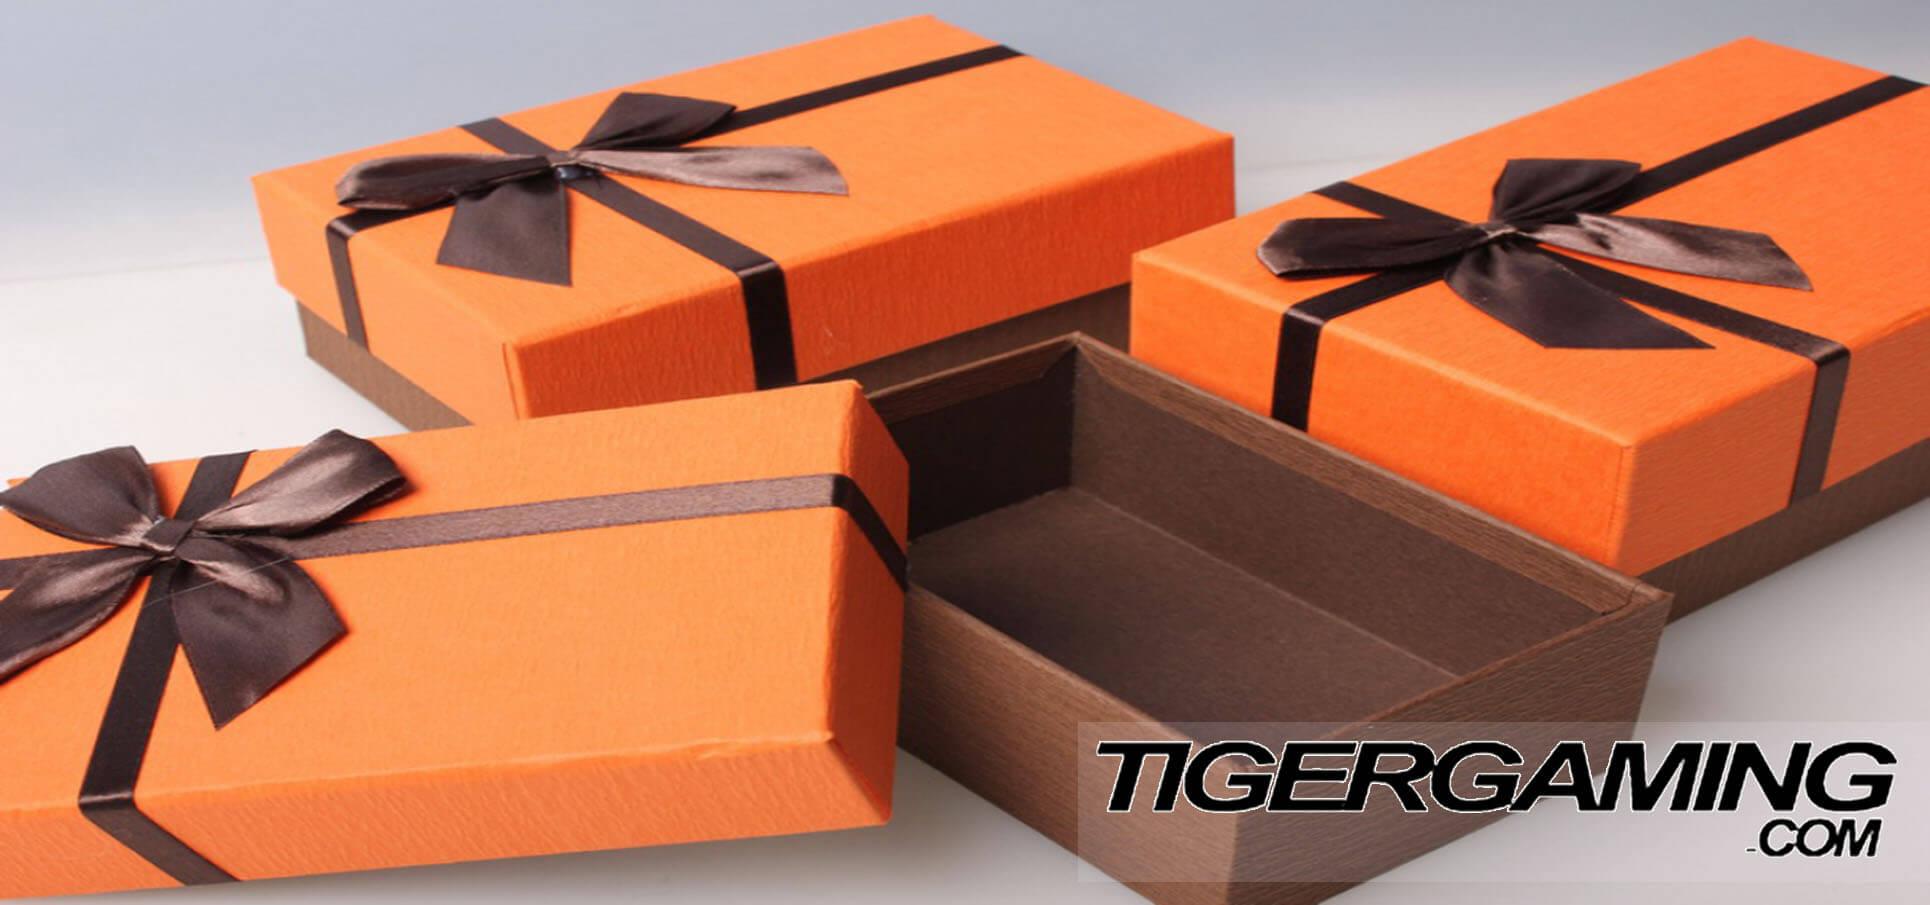 Tiger Gaming акции